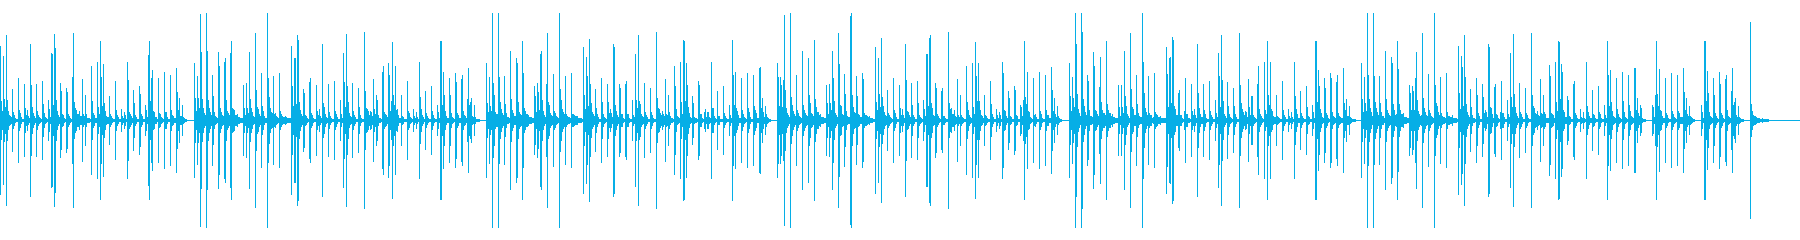 カリンバのみの再生済みの波形